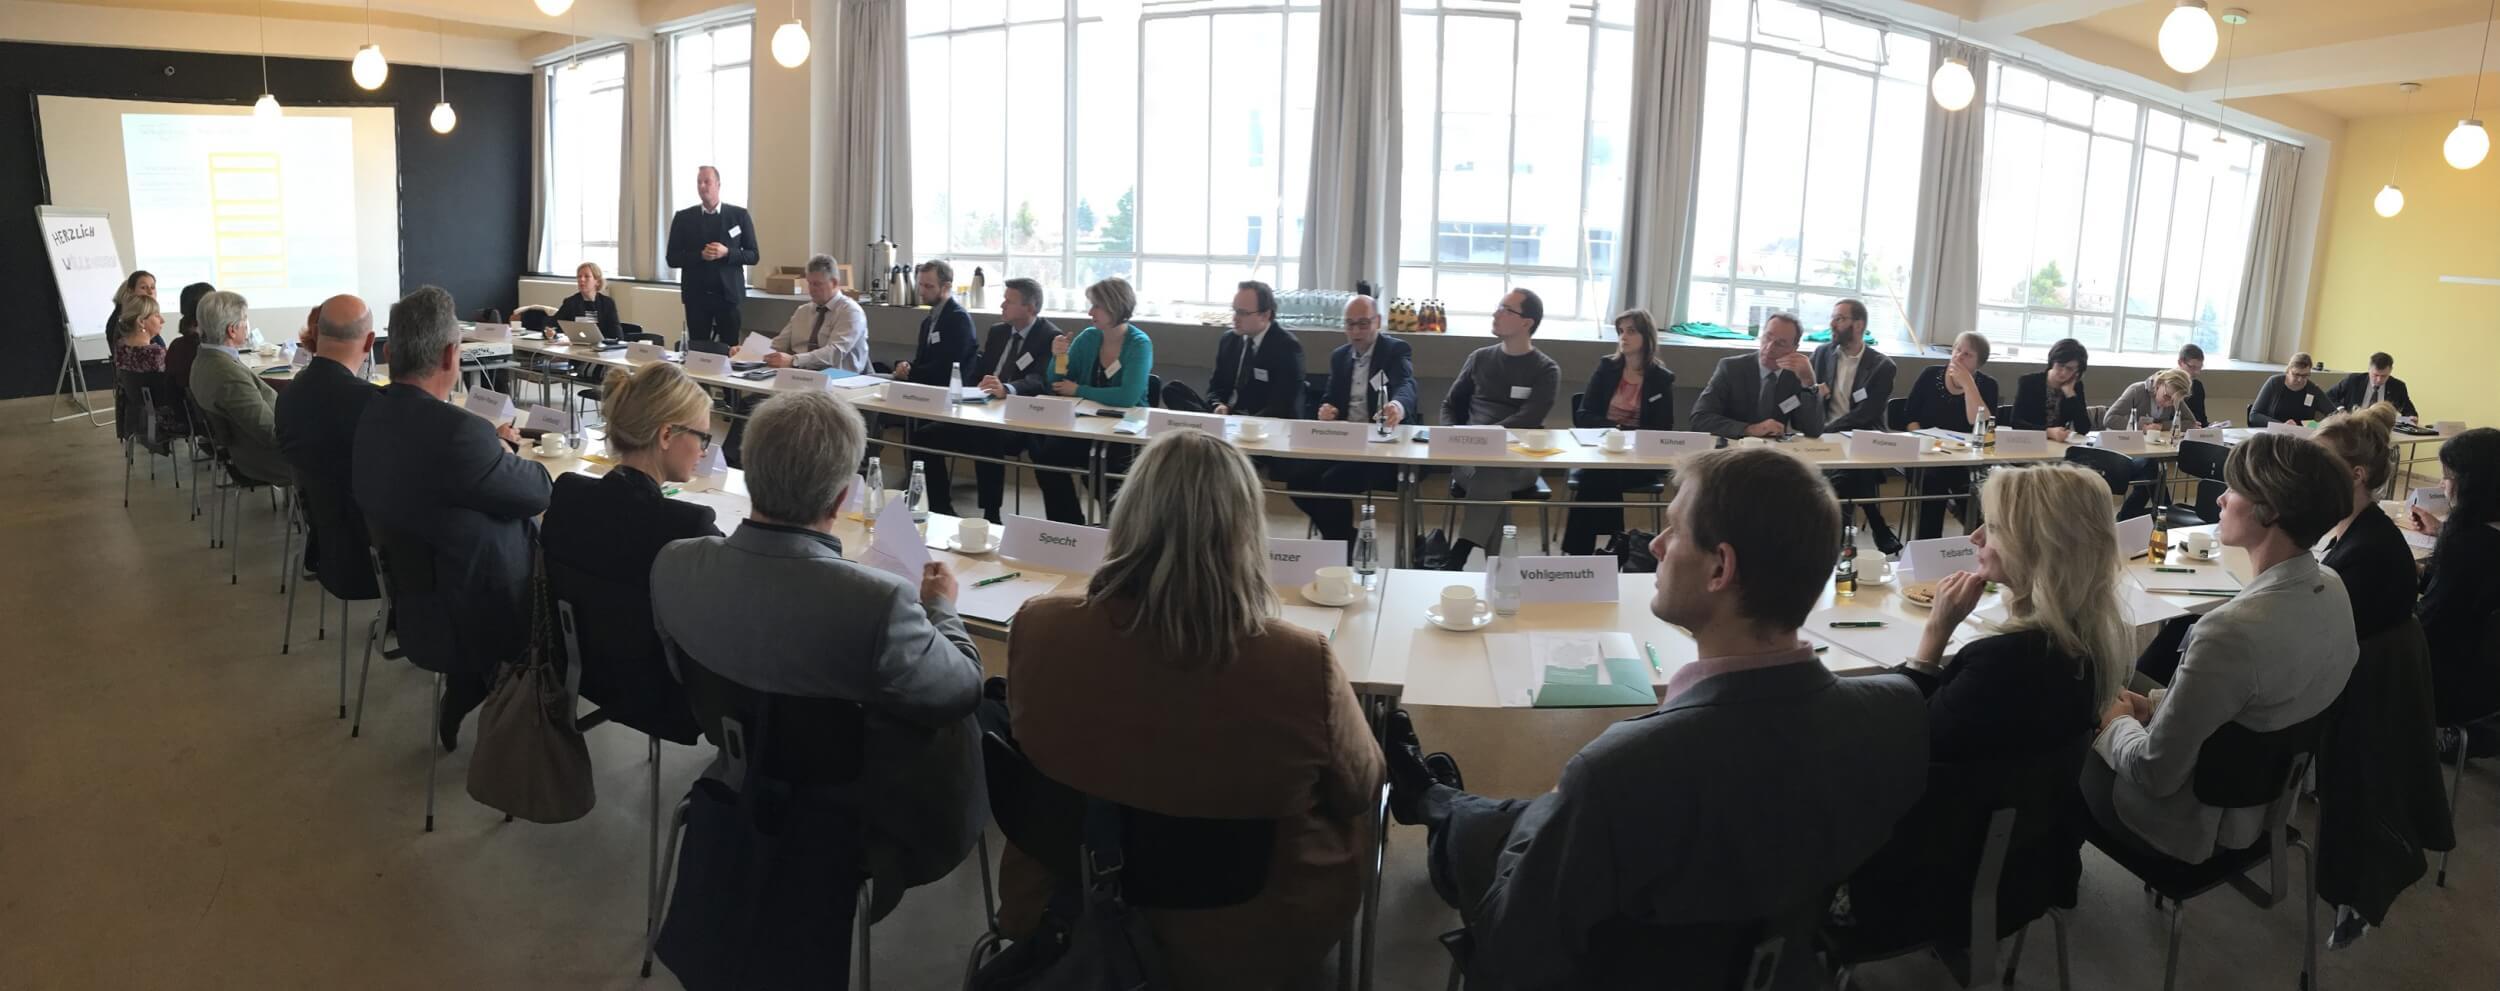 Erfahrungsaustauschkreis Dessau (c) Innovationsbüro Fachkräfte für die Region